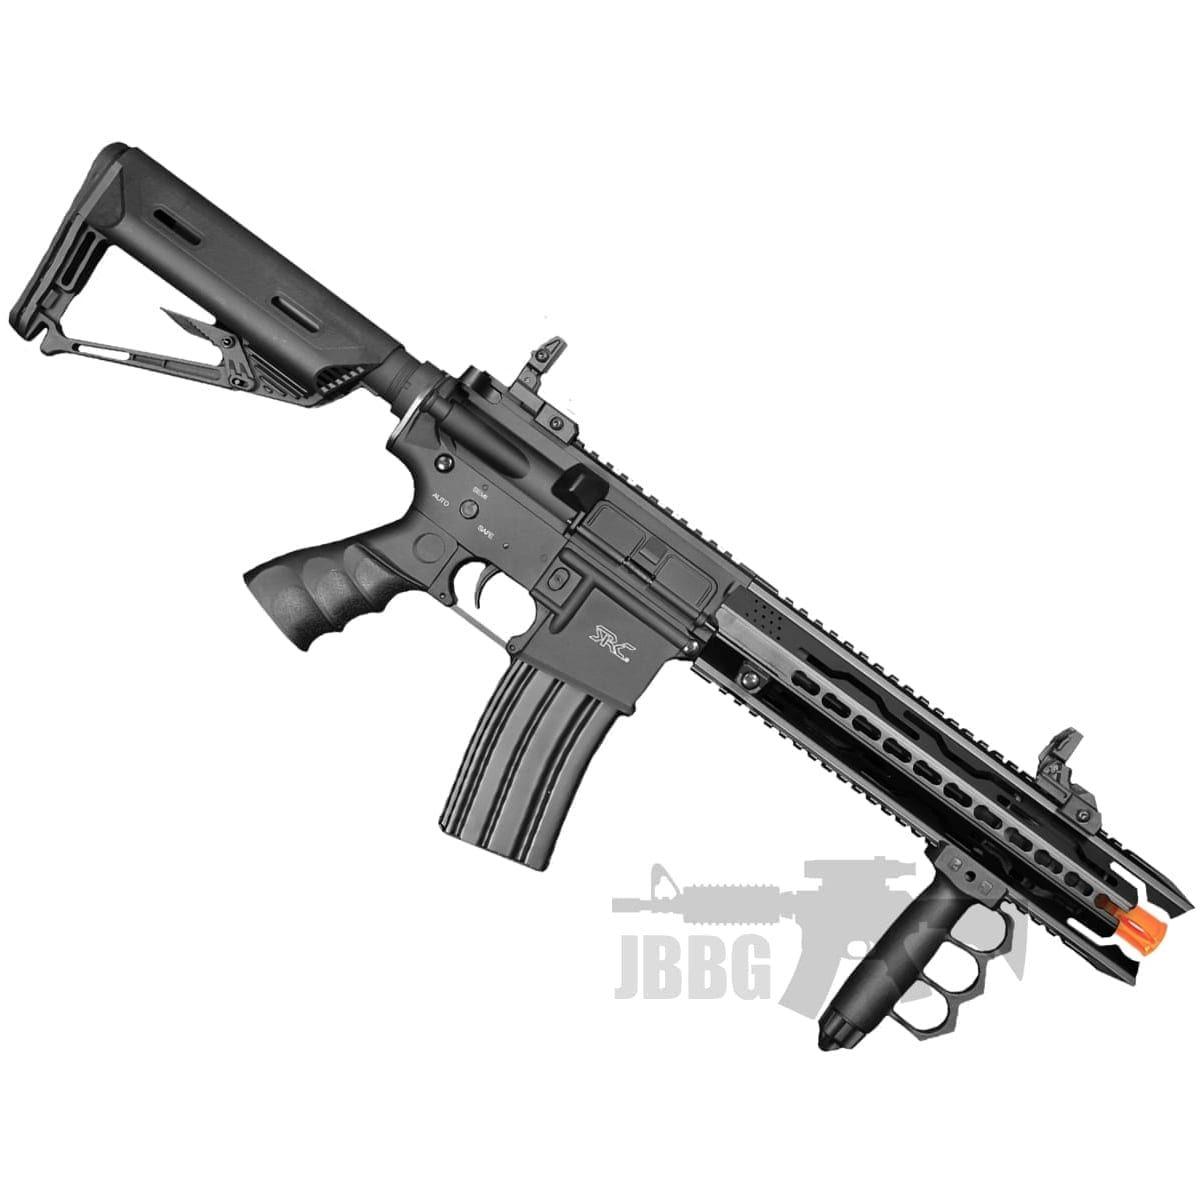 mamba s airsoft gun